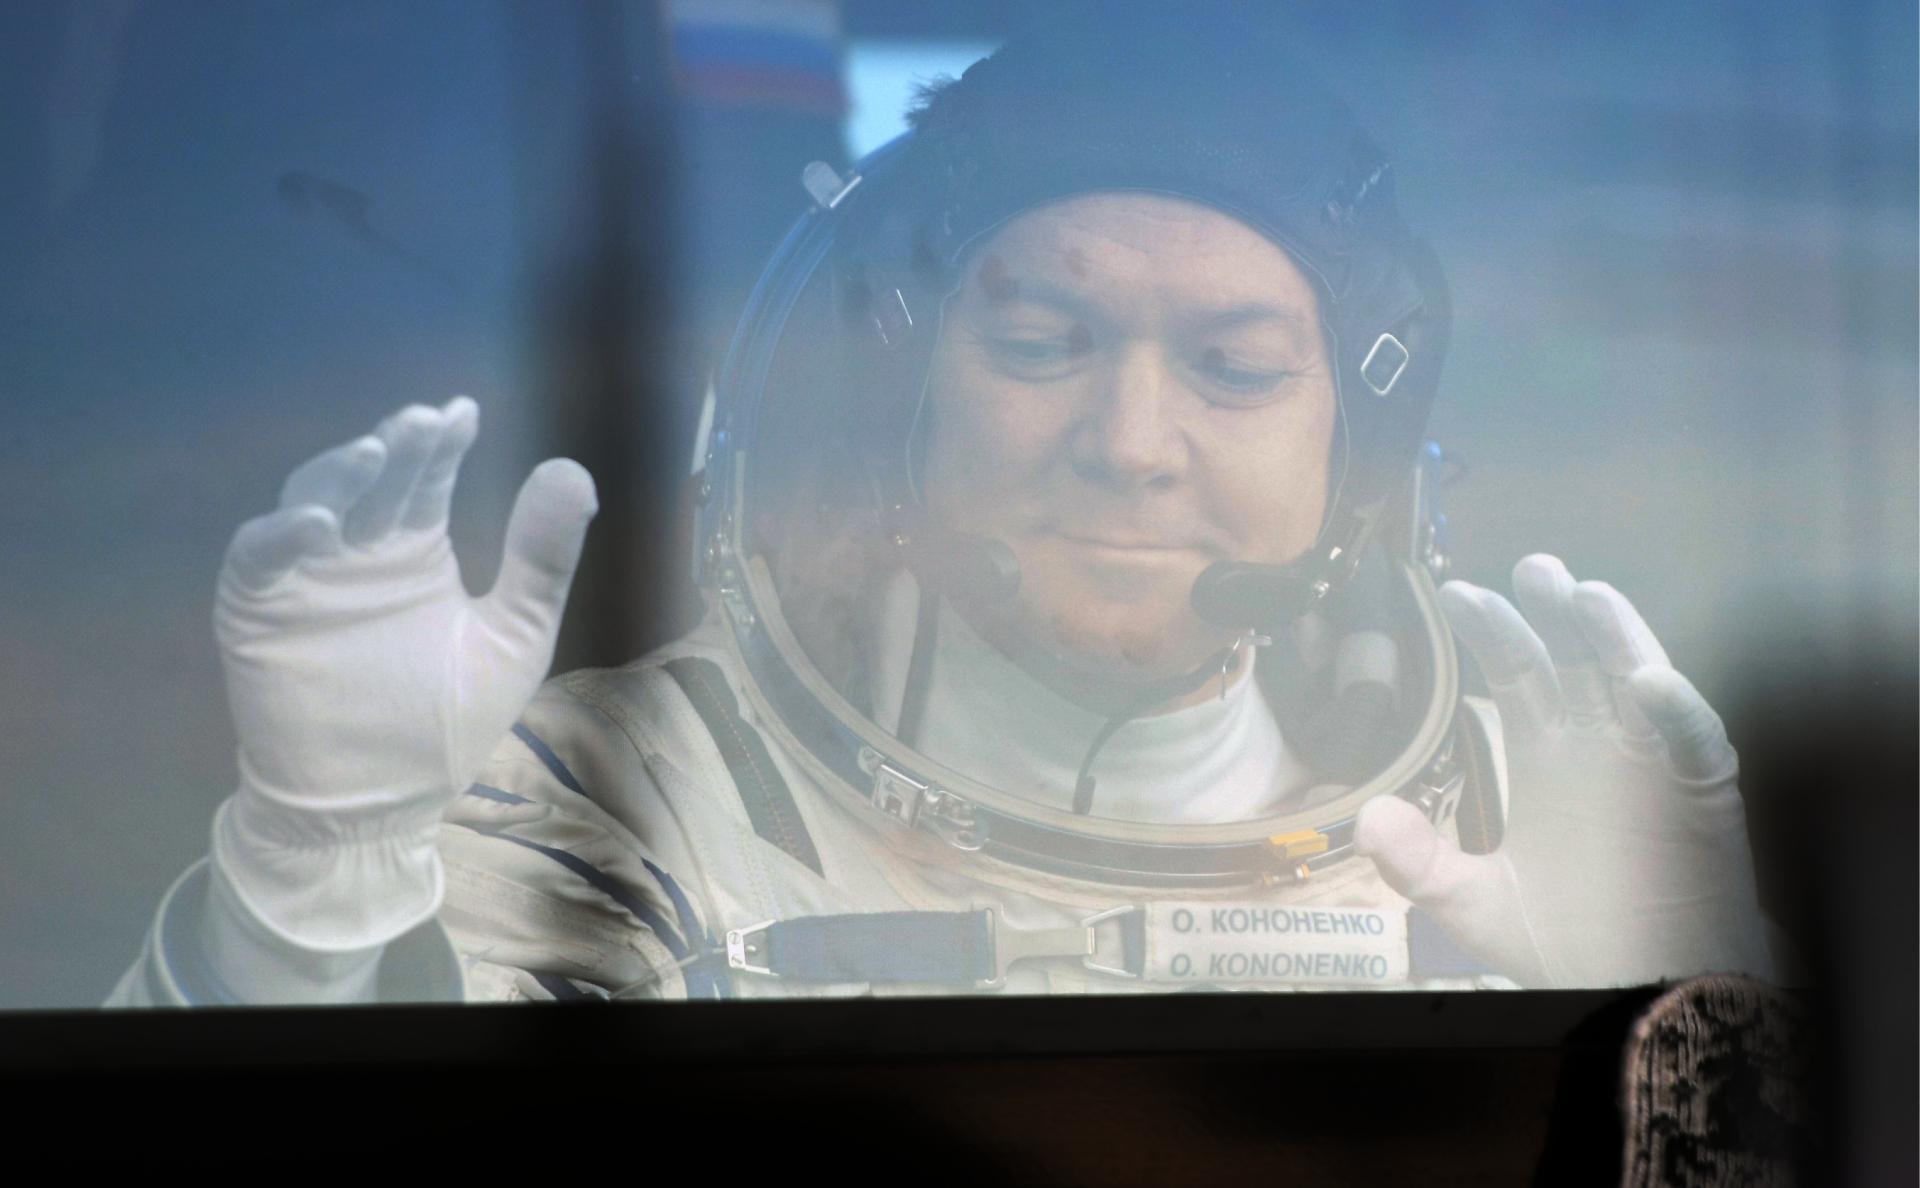 Космонавты нашли отверстие в корпусе «Союза»